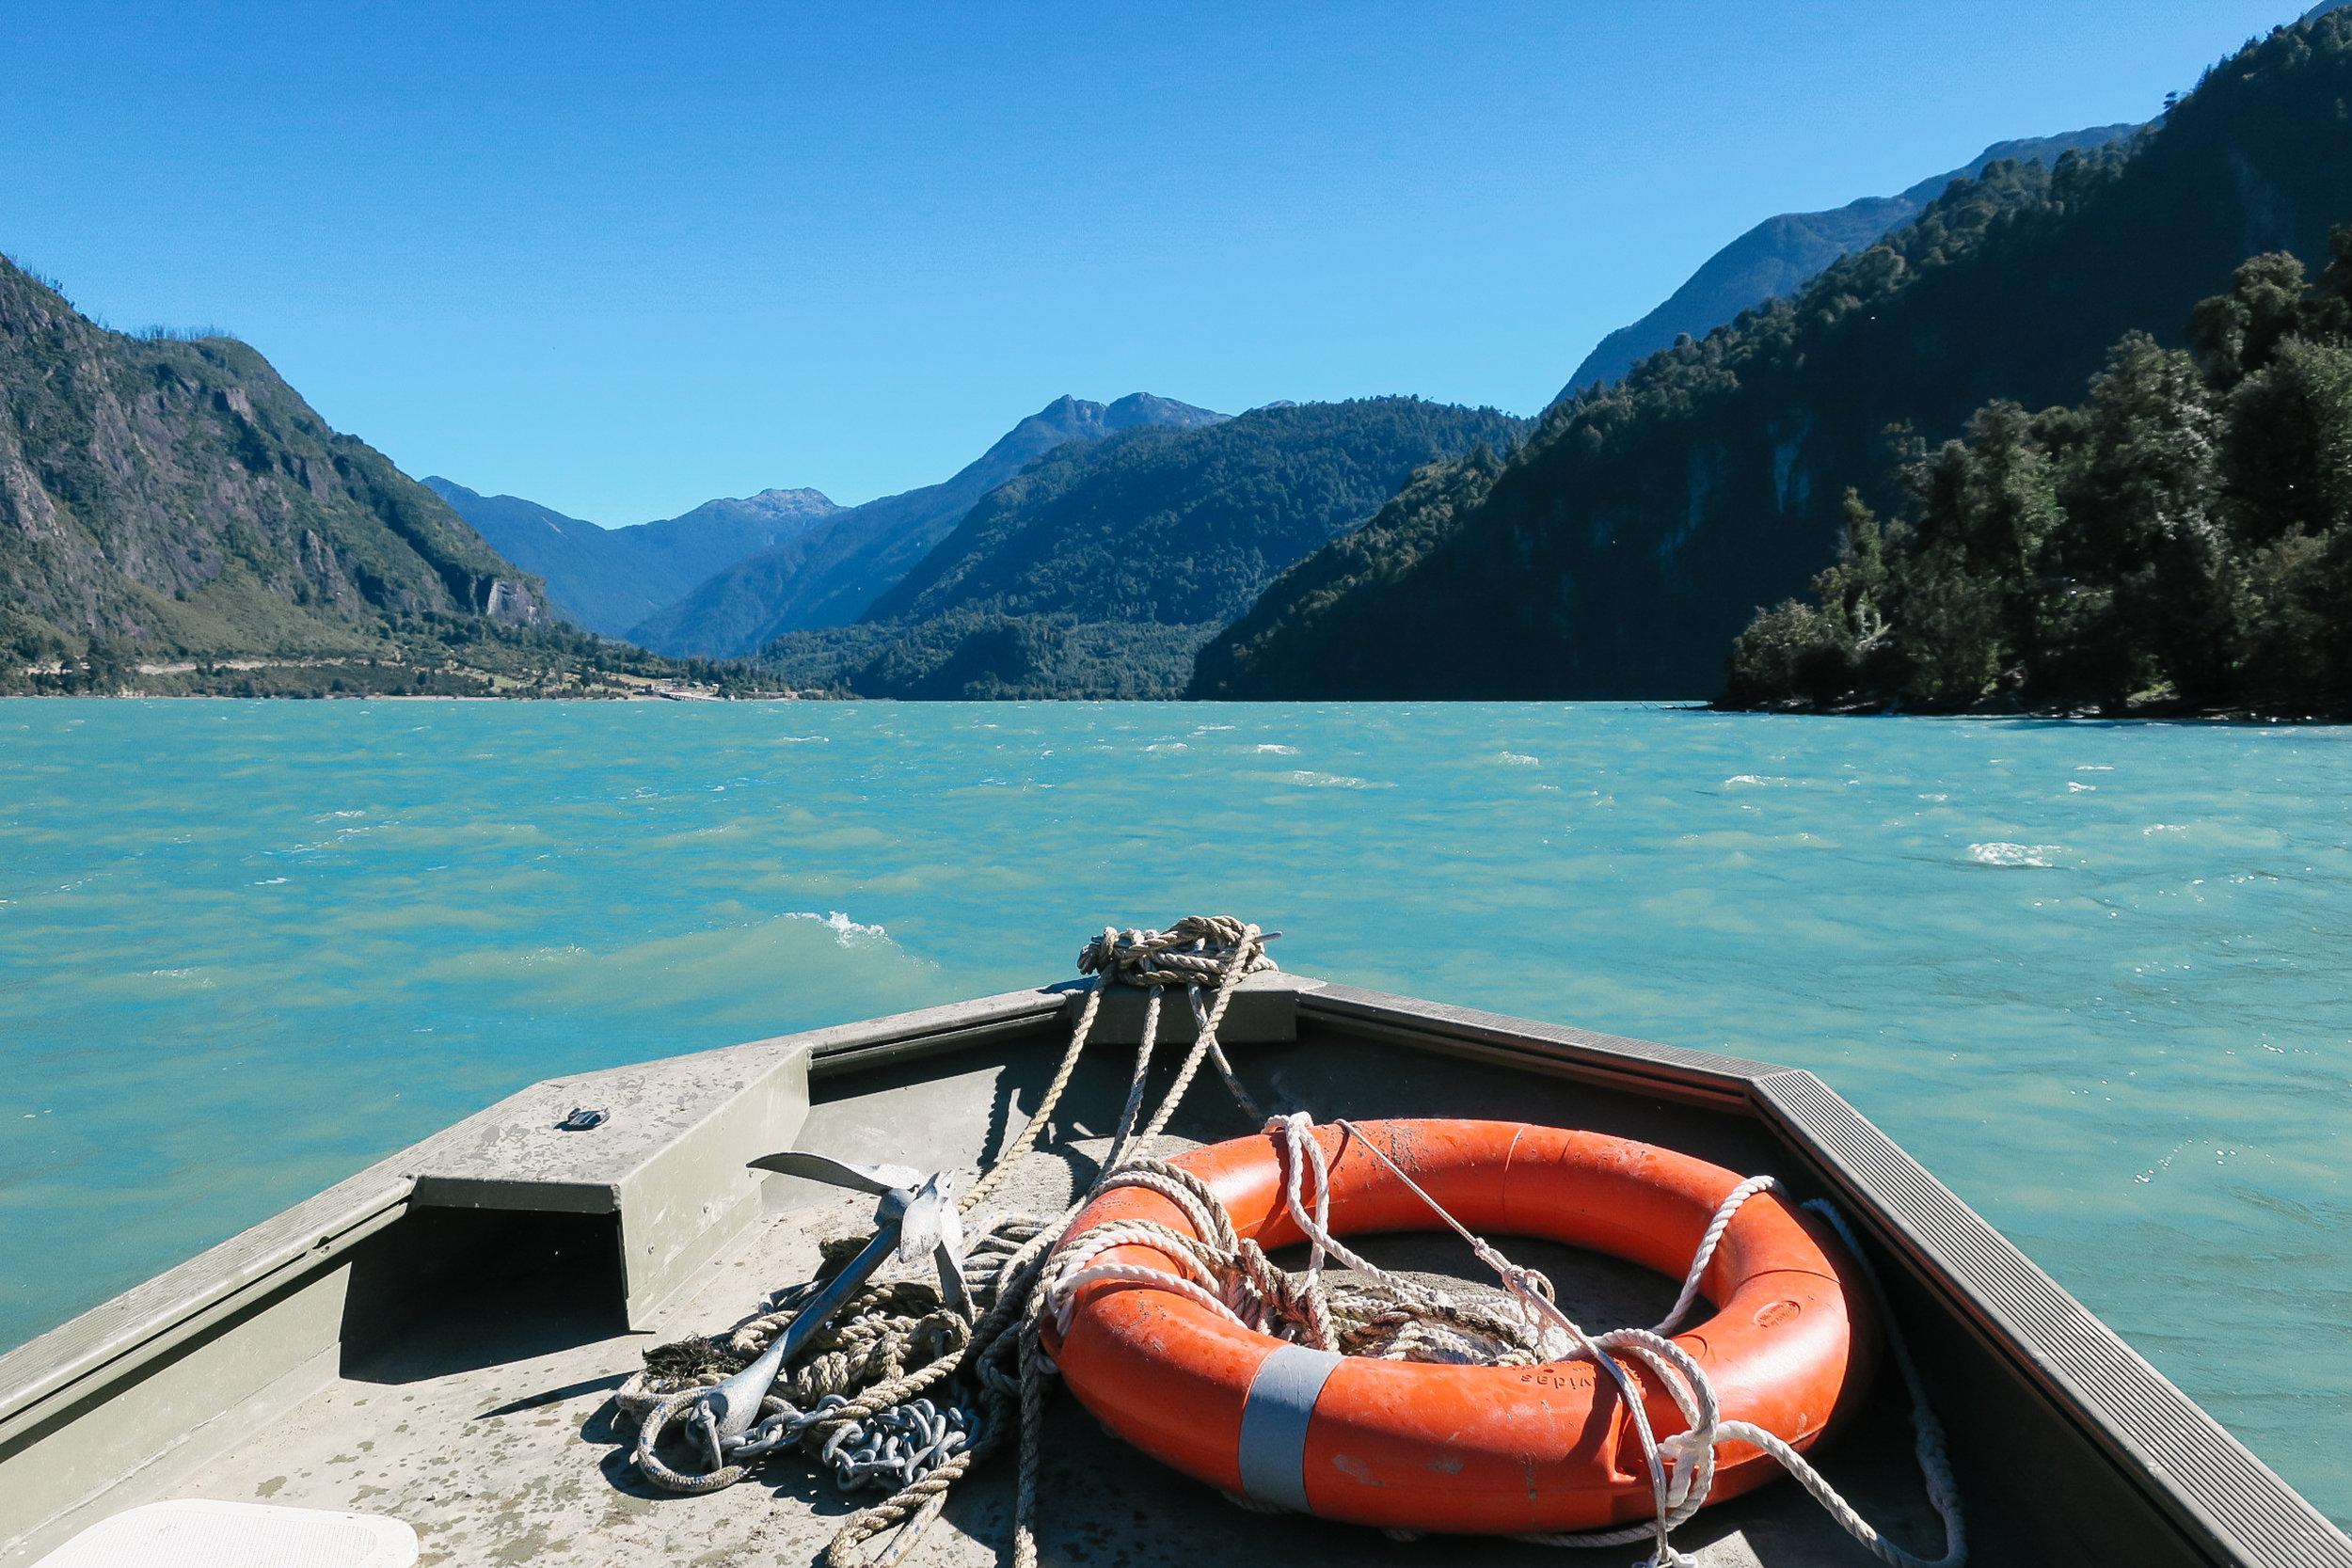 barraco+lodge+chile+life+on+pine+travel+blog+life+on+pine_IMG_1751.jpg